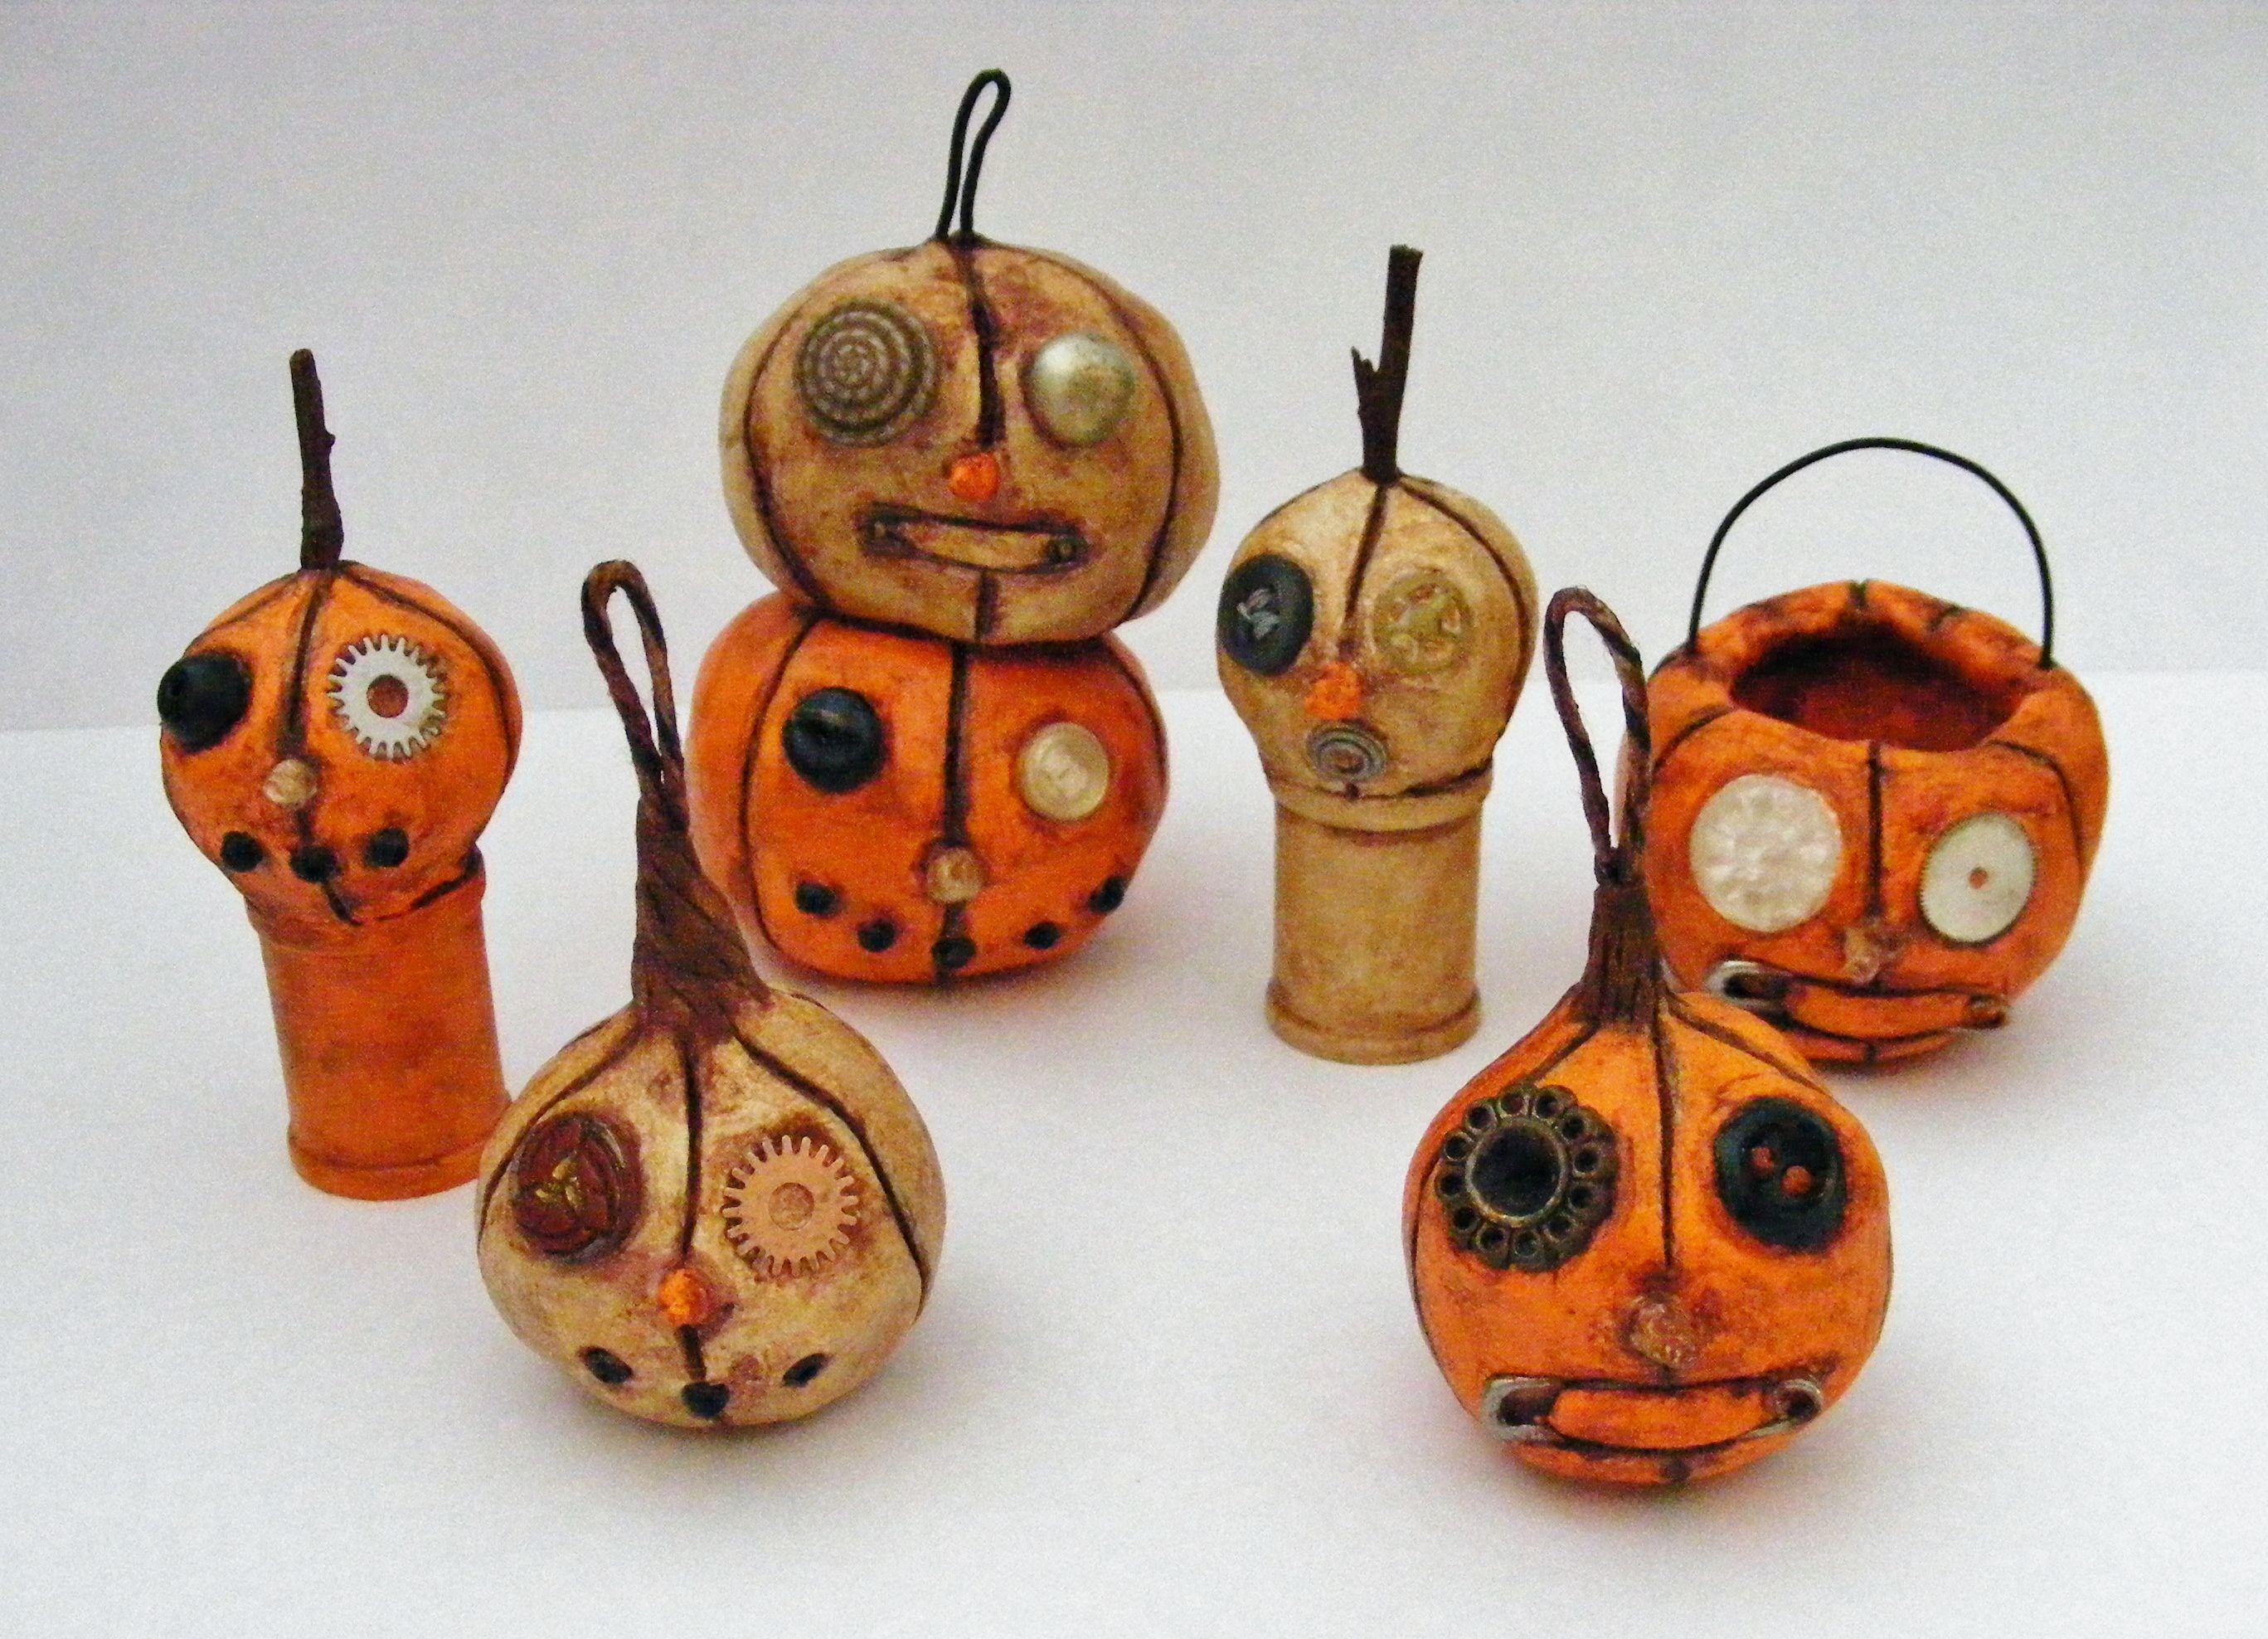 Prim Steampunk Pumpkins Halloween crafts decorations